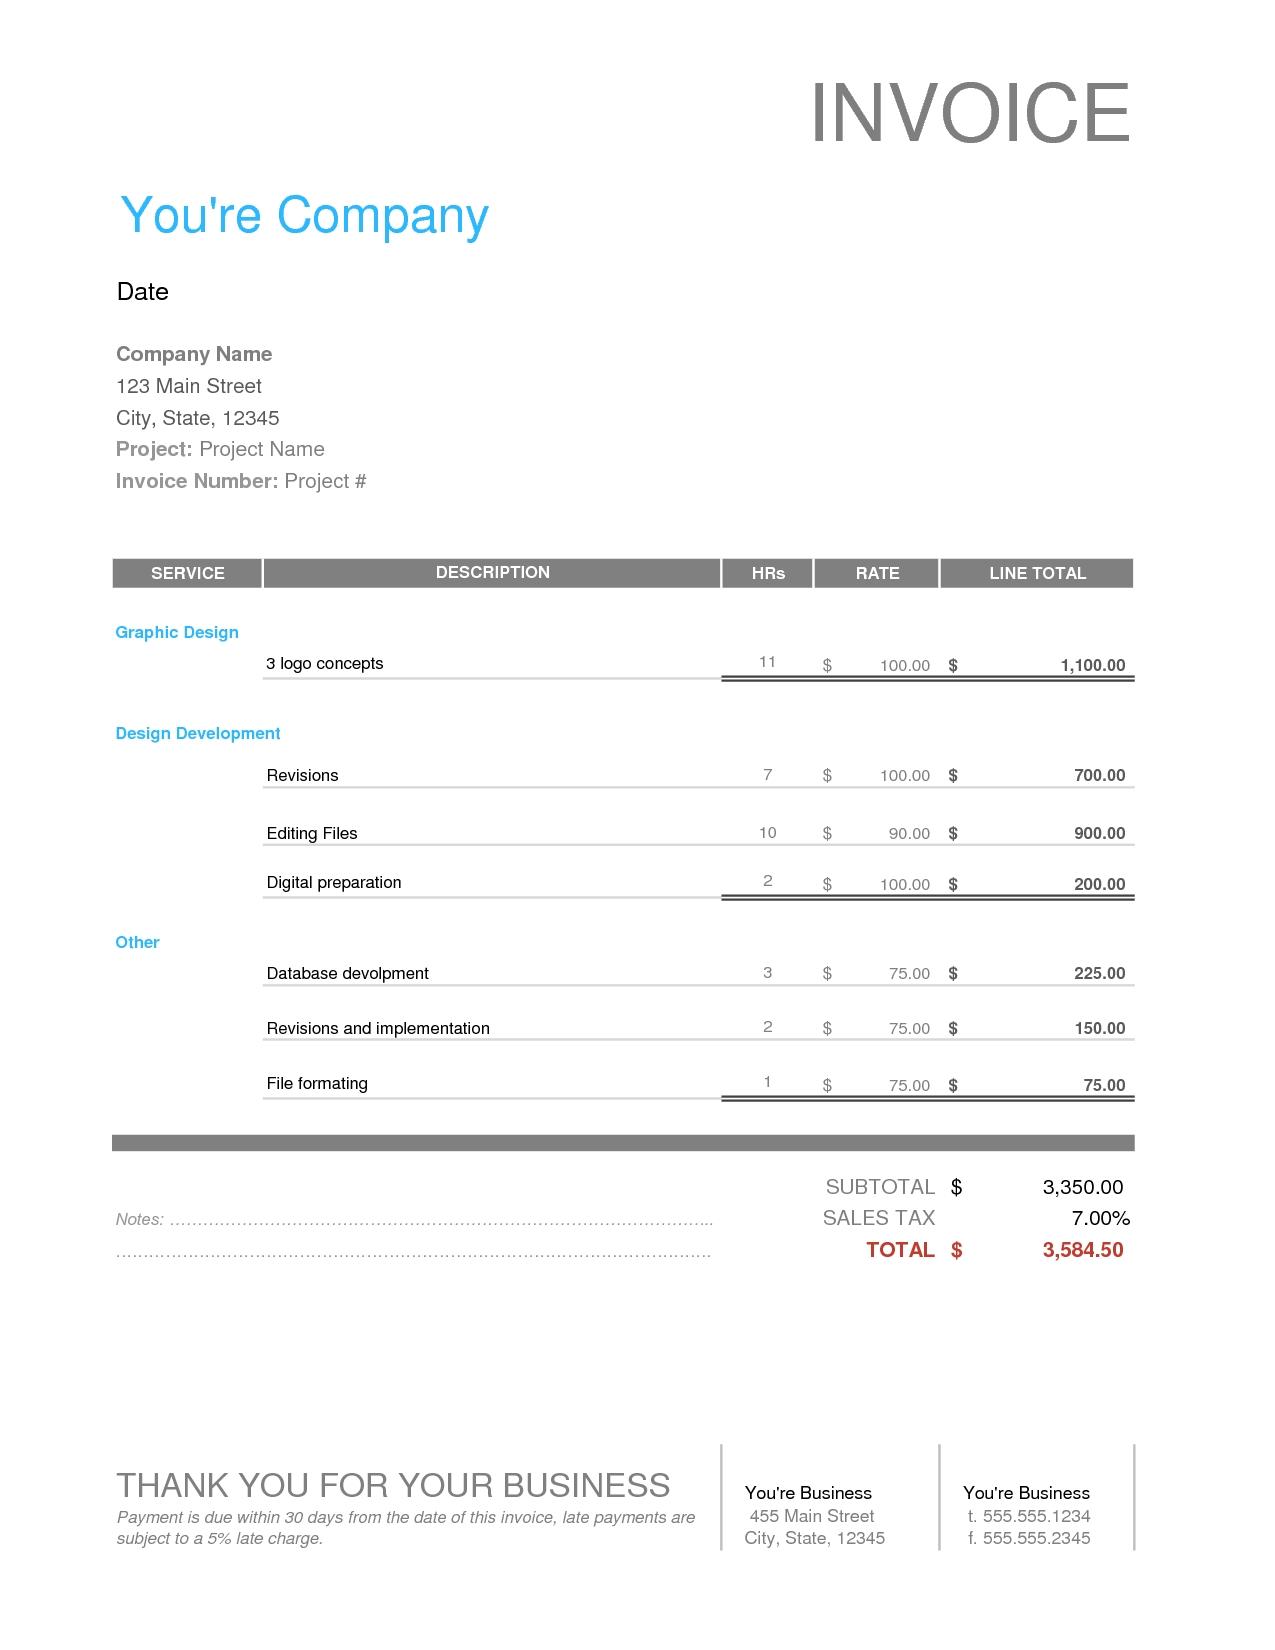 design invoices on pinterest invoice design invoice template graphic designer invoice